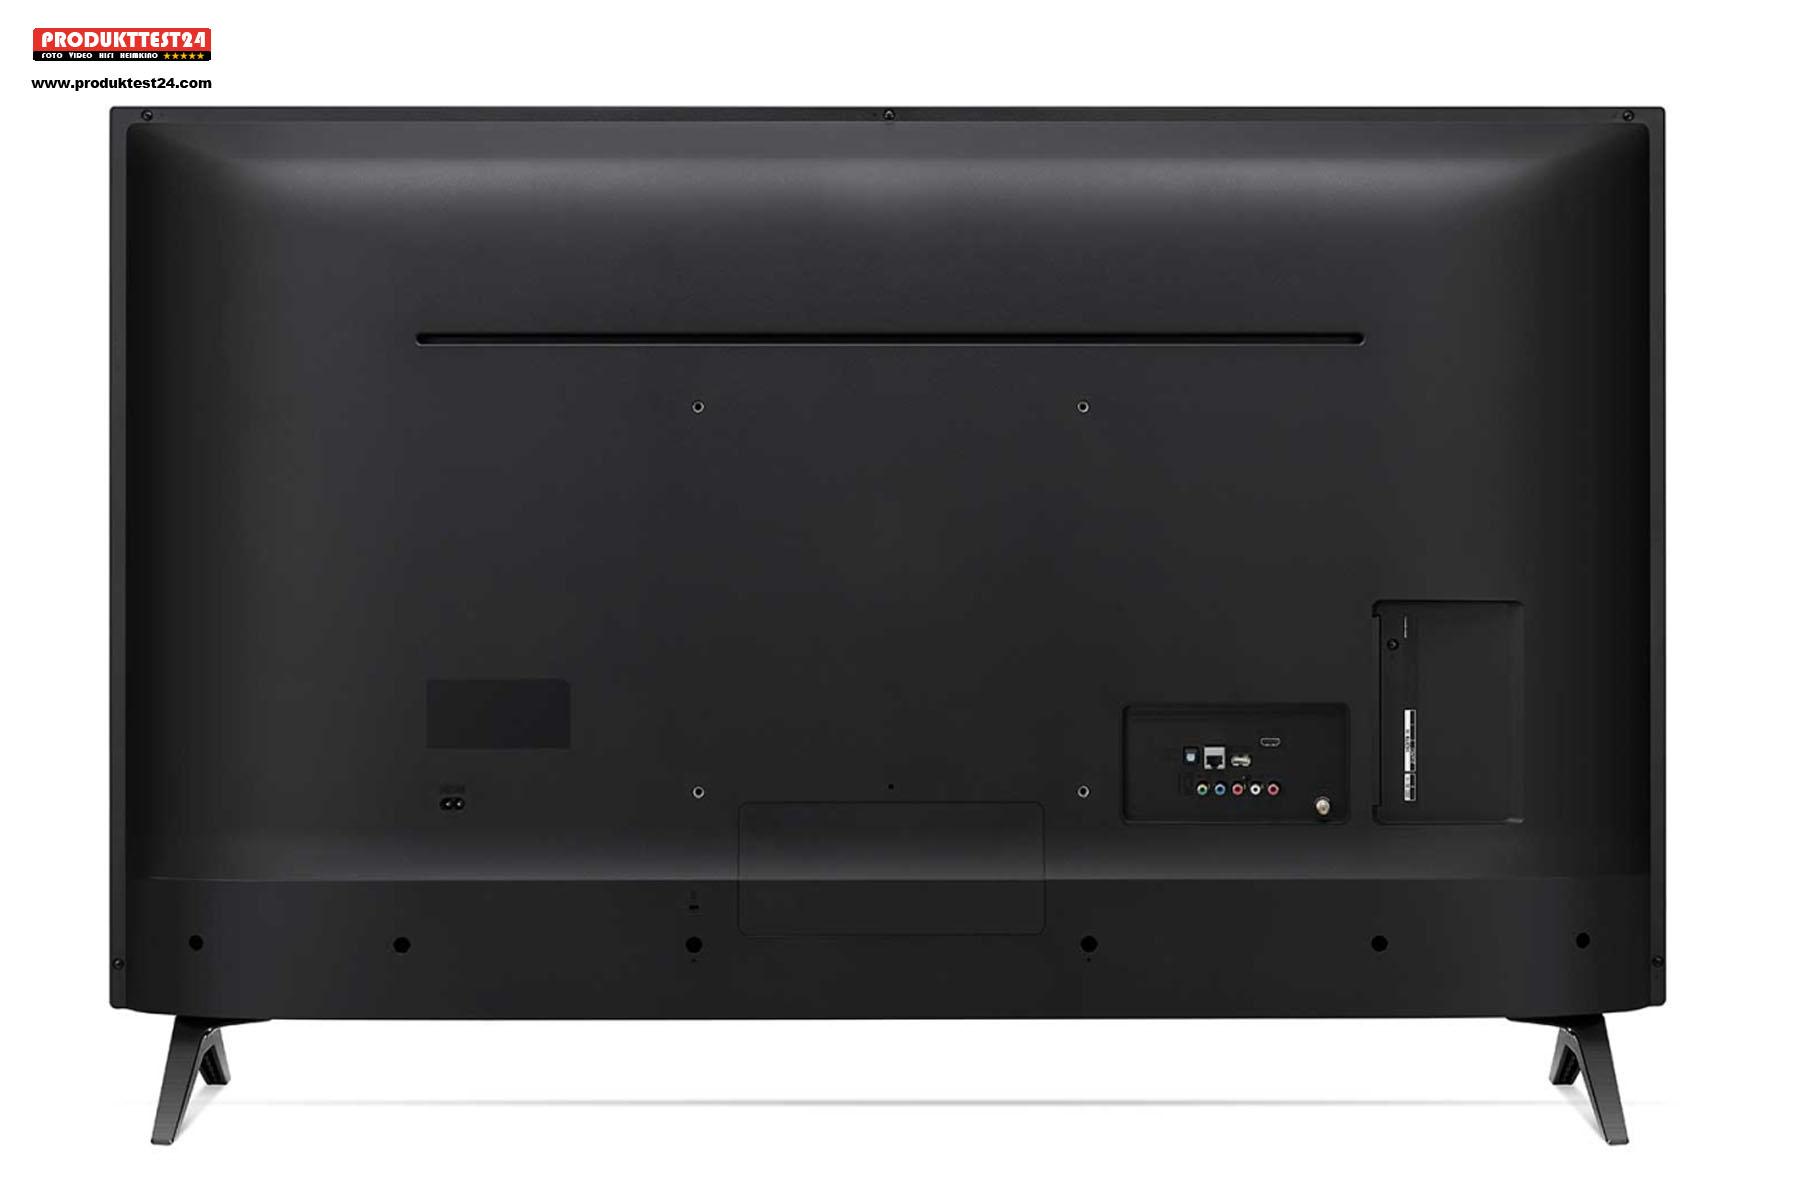 Die Rückseite des LG 70UM7100 4K-Fernseher